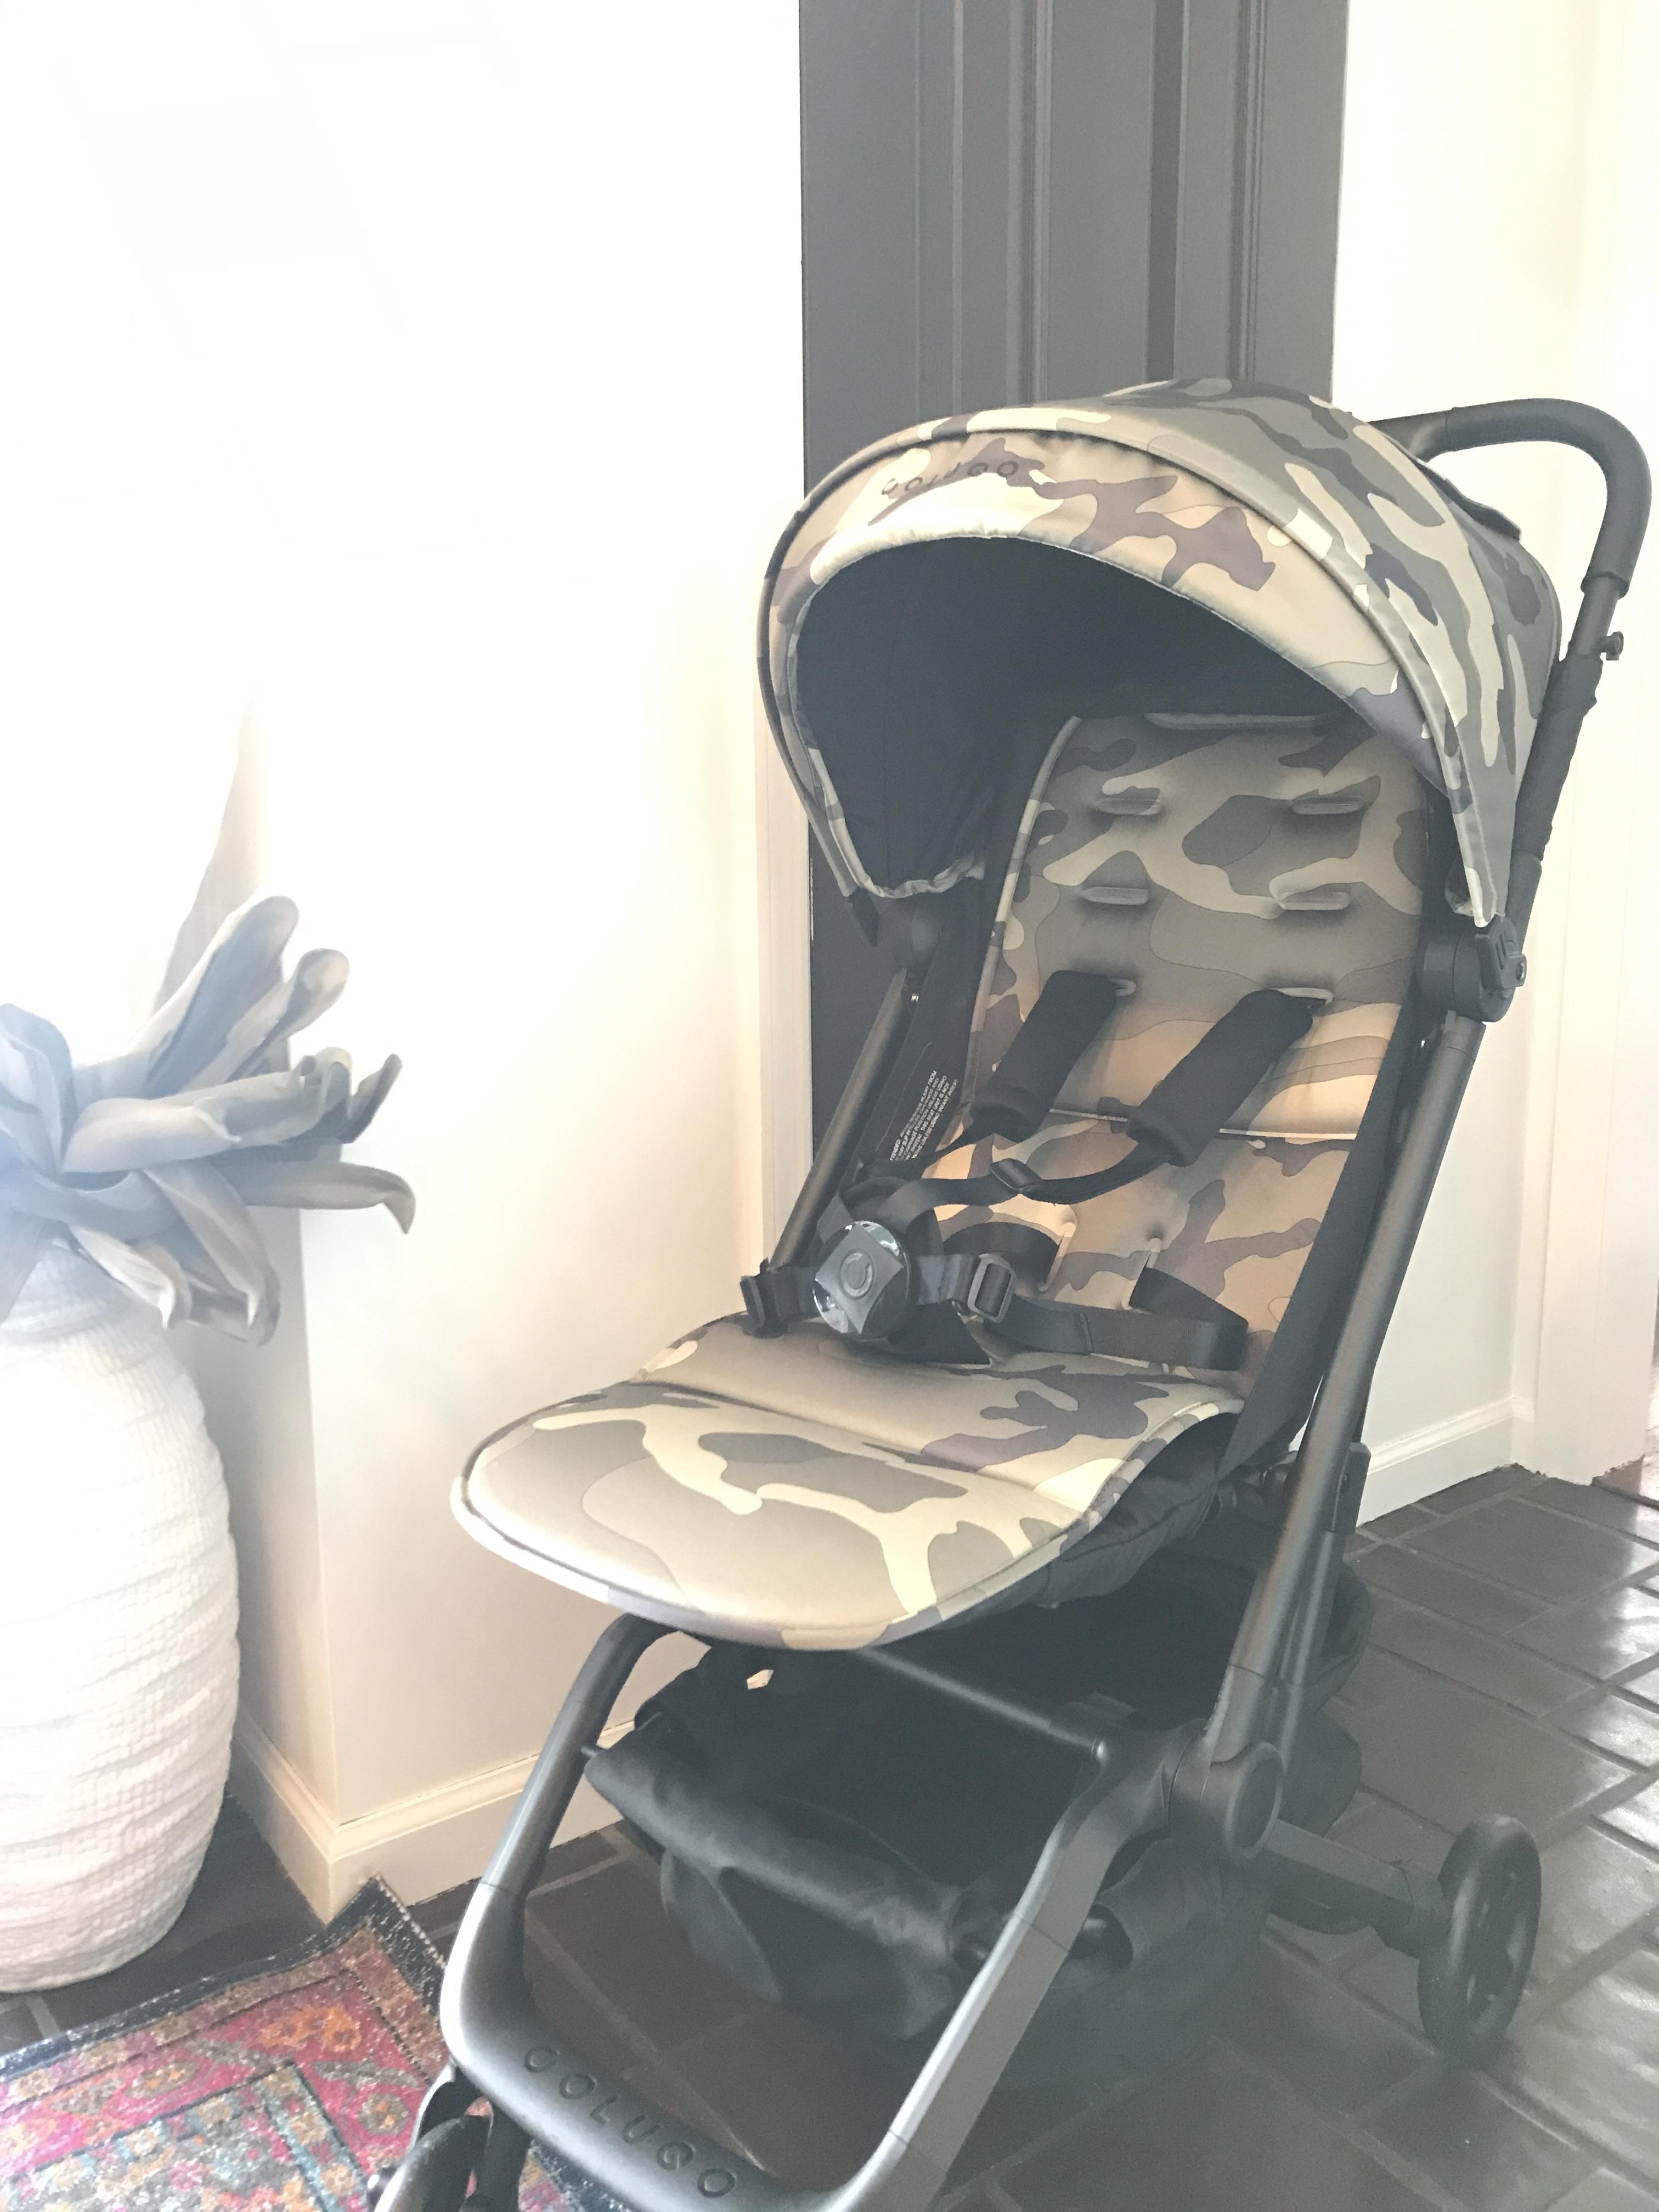 30 Week Bumpdate: Baby Shower